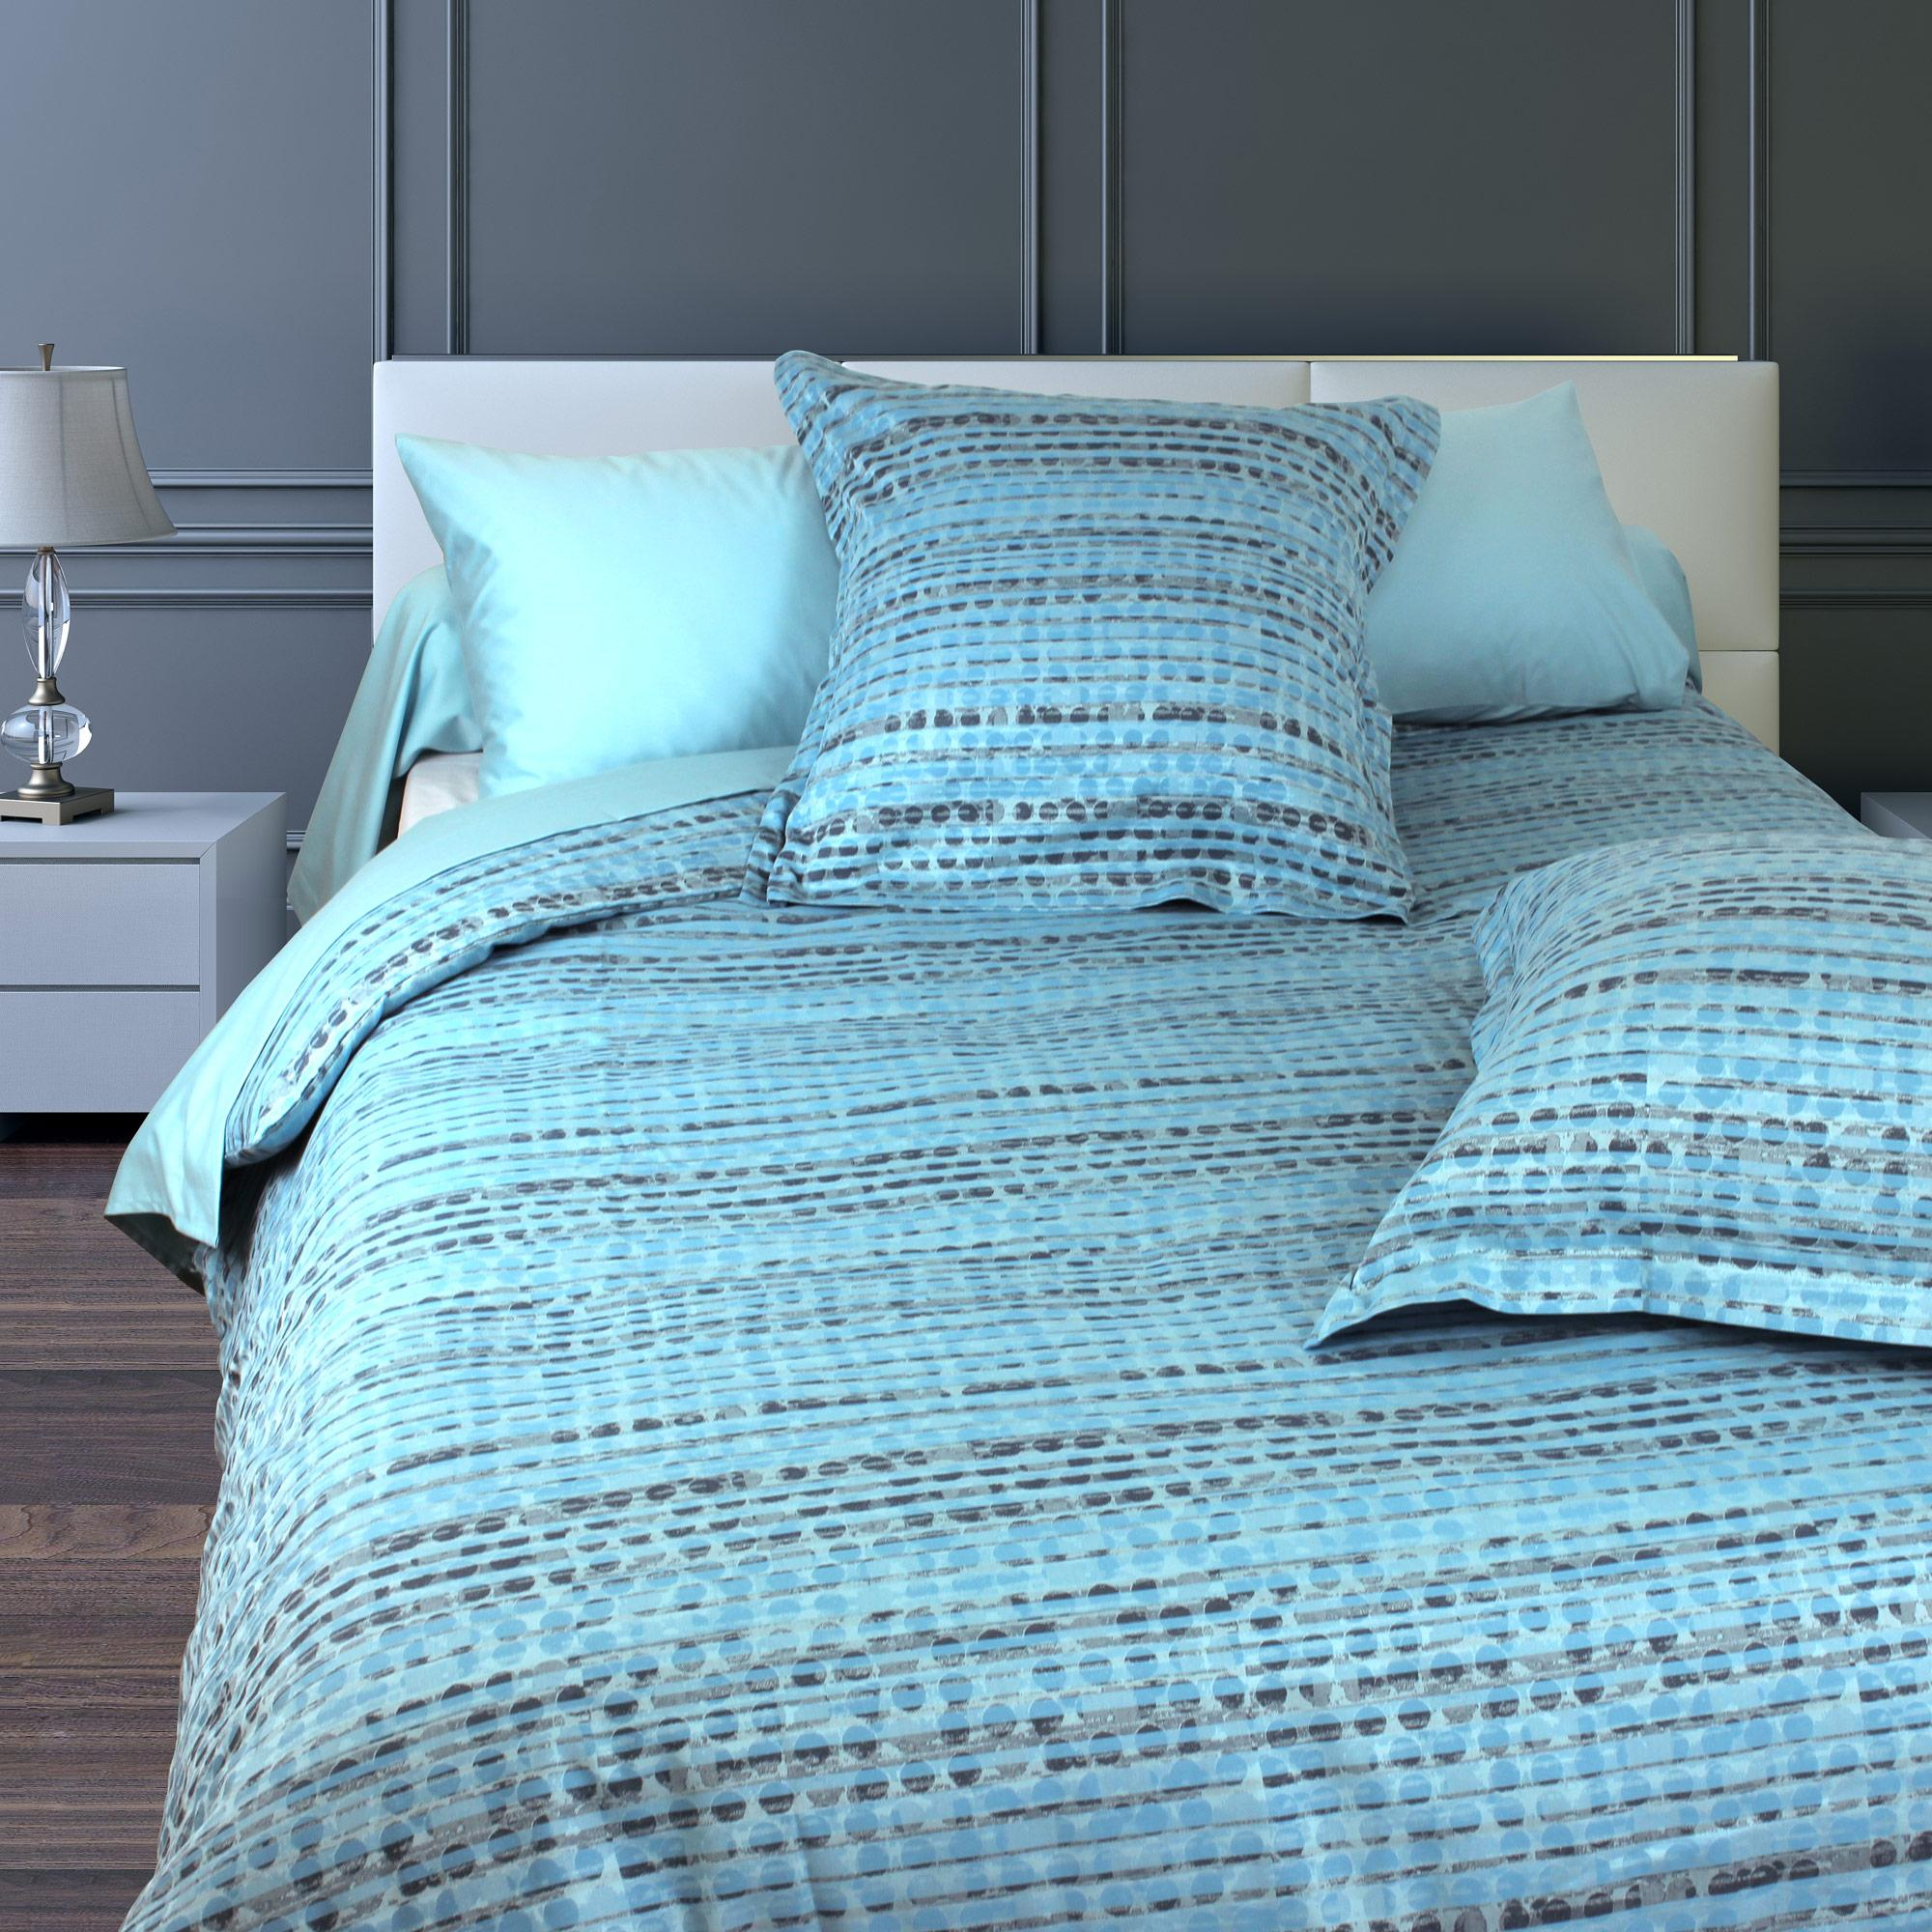 housse de couette satin de coton tiss teint 240x220 cm louvre linnea linge de maison et. Black Bedroom Furniture Sets. Home Design Ideas